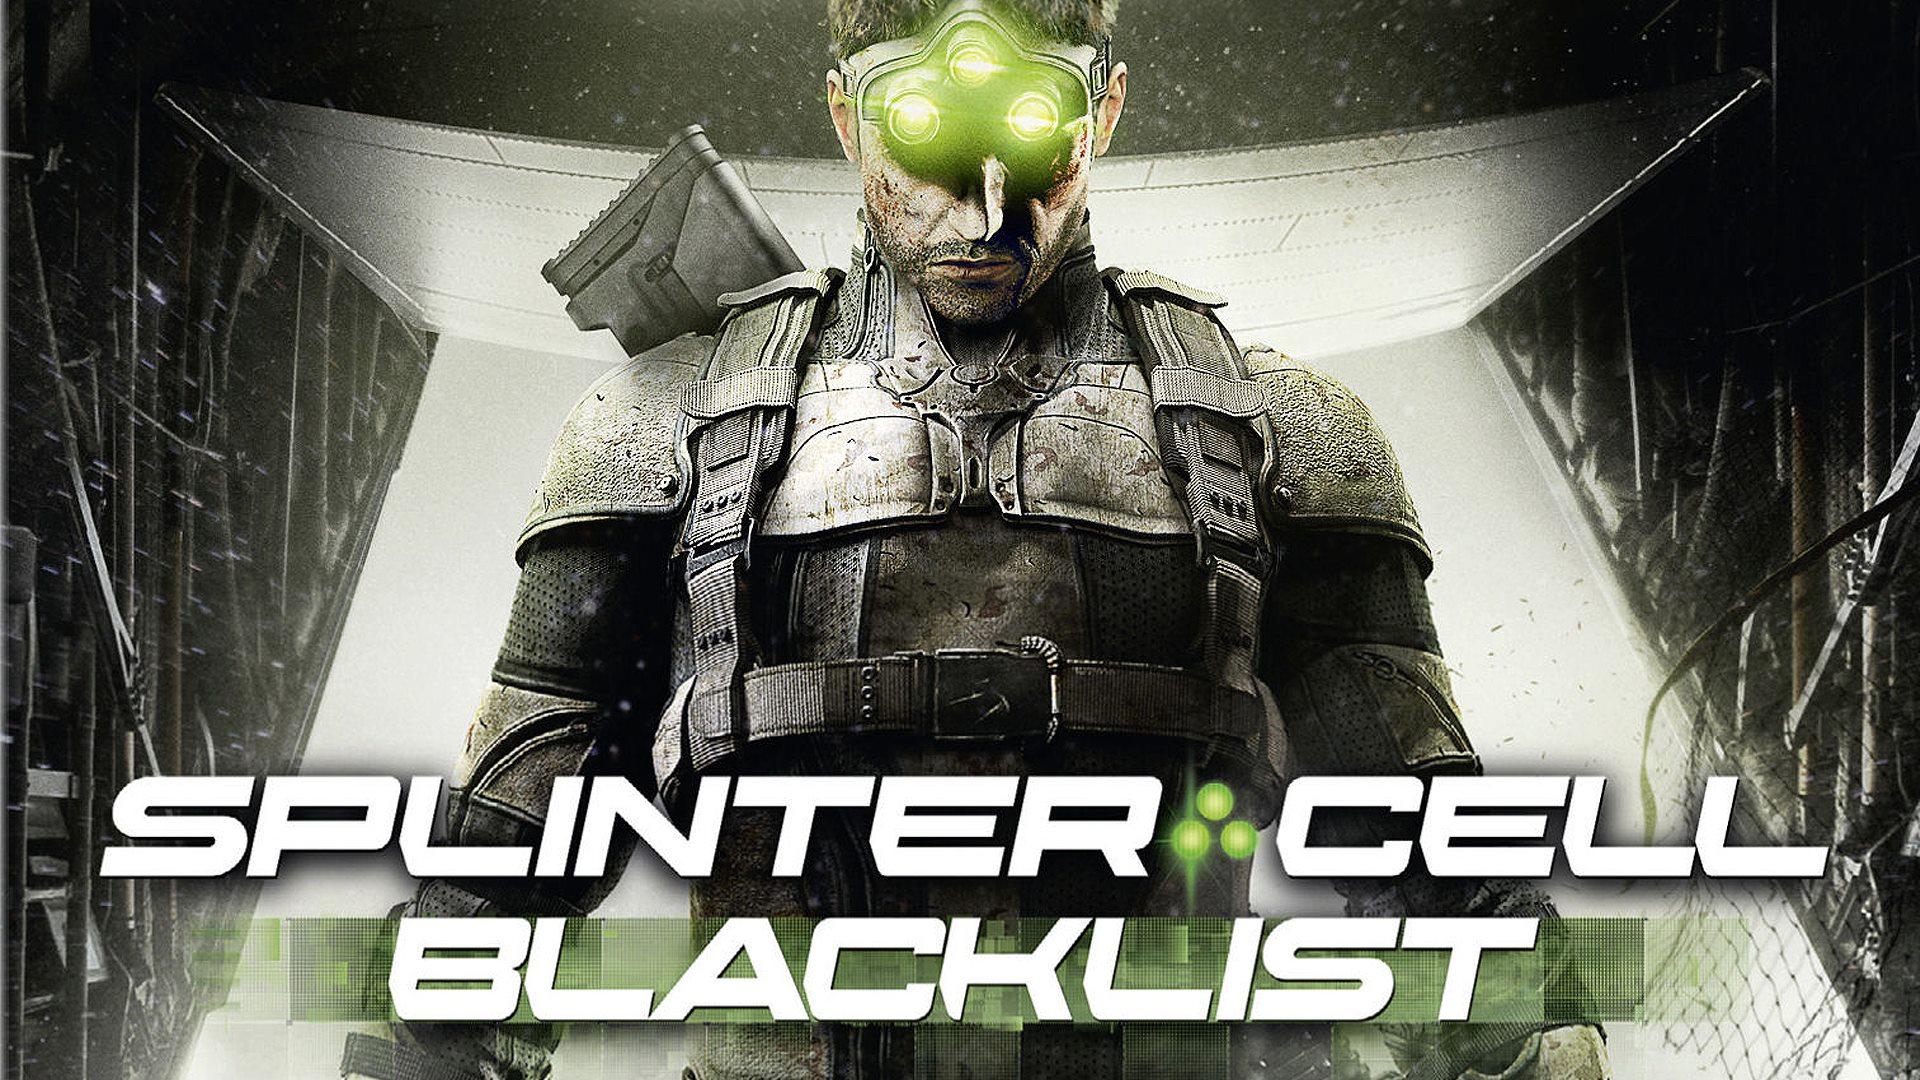 Splinter Cell Blacklist wallpaper 7